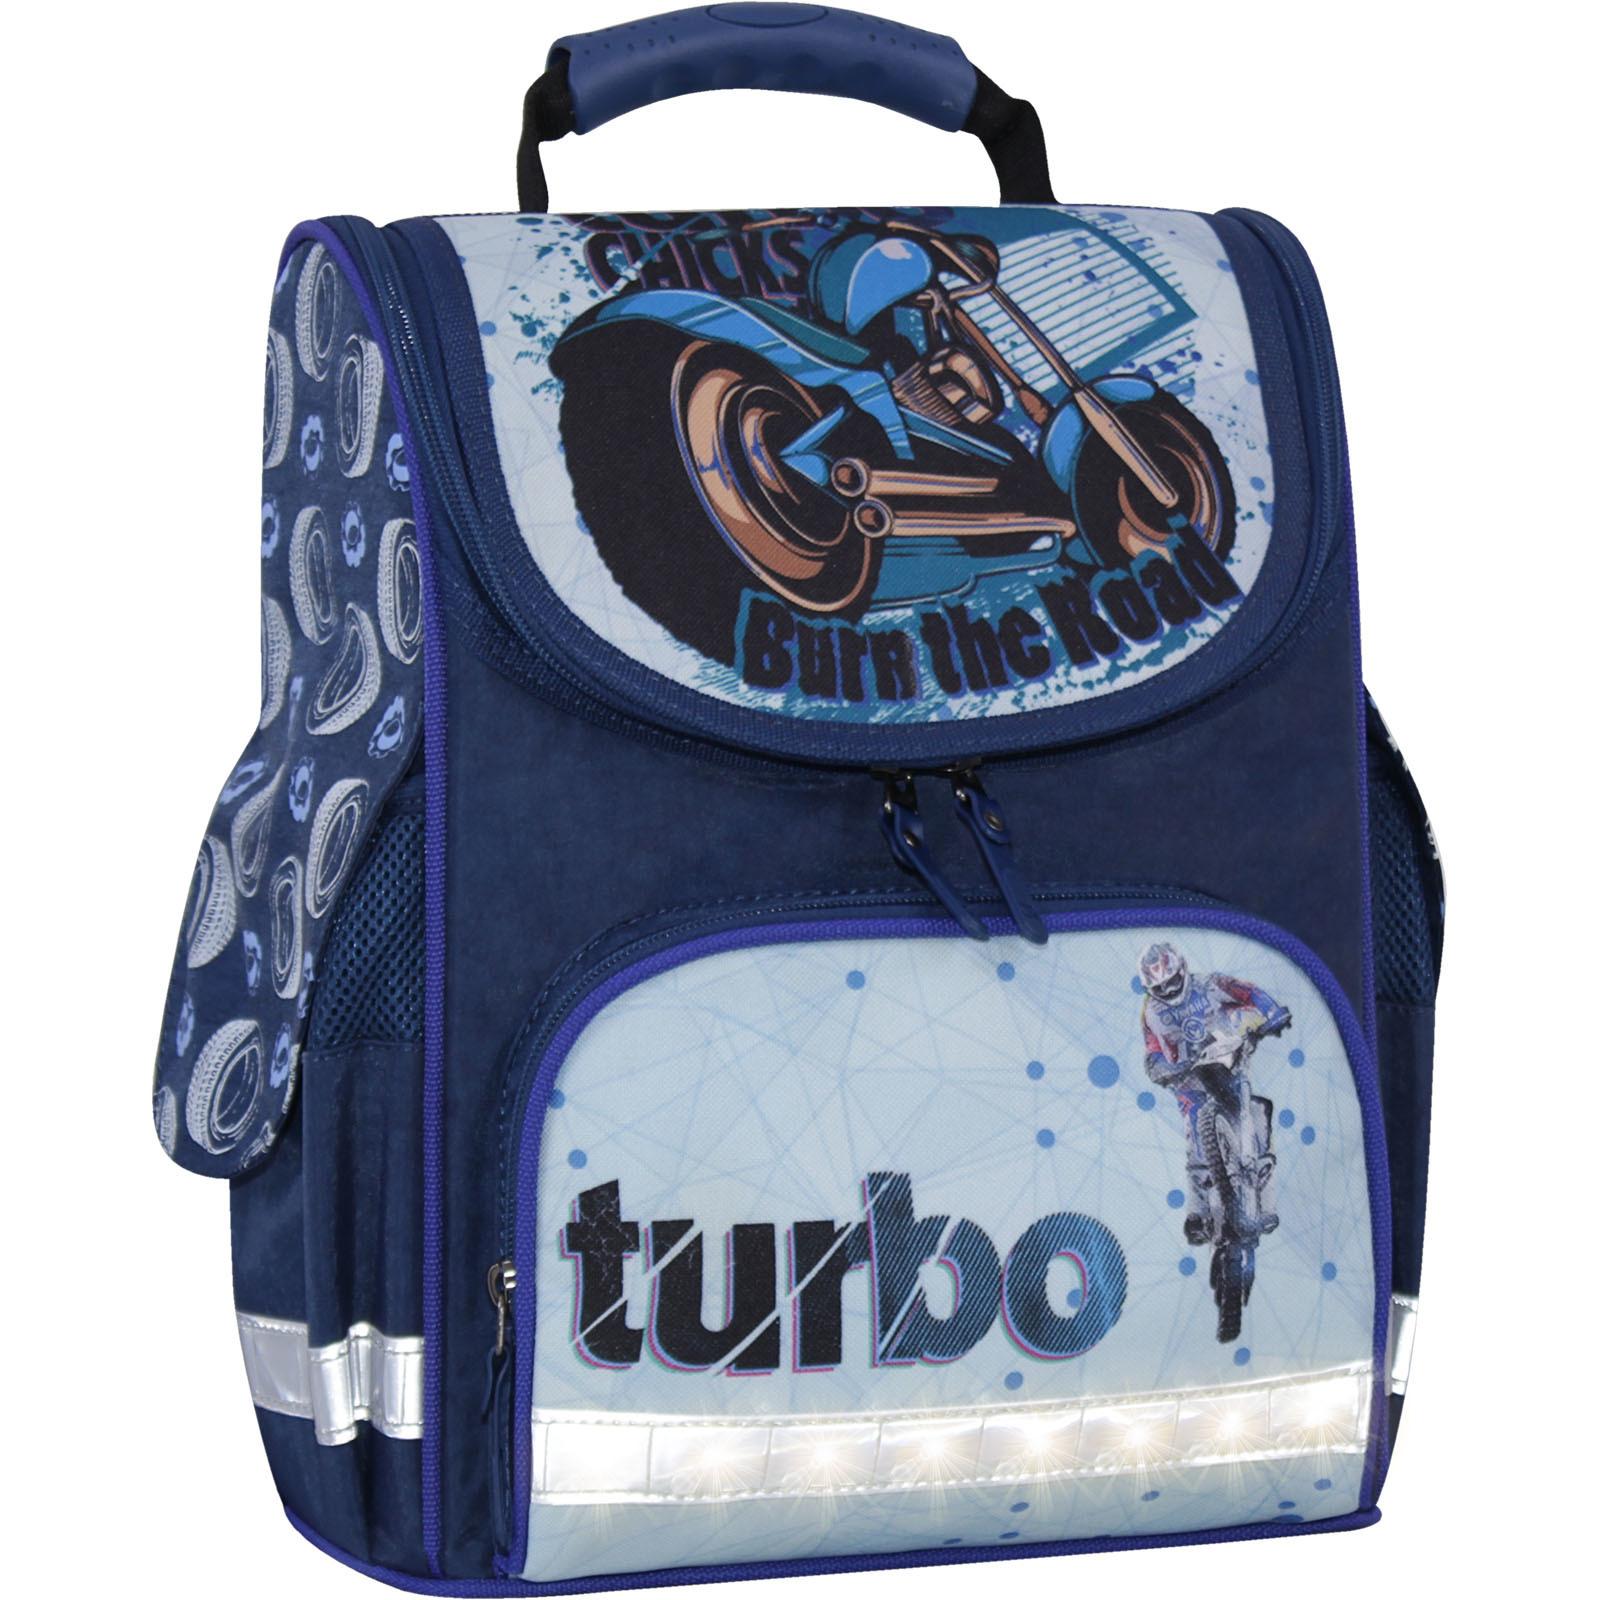 Школьные рюкзаки Рюкзак школьный каркасный с фонариками Bagland Успех 12 л. синий 551 (00551703) IMG_3917свет.суб551_без_бирки_было__вот_такая_надпись_-1600.jpg